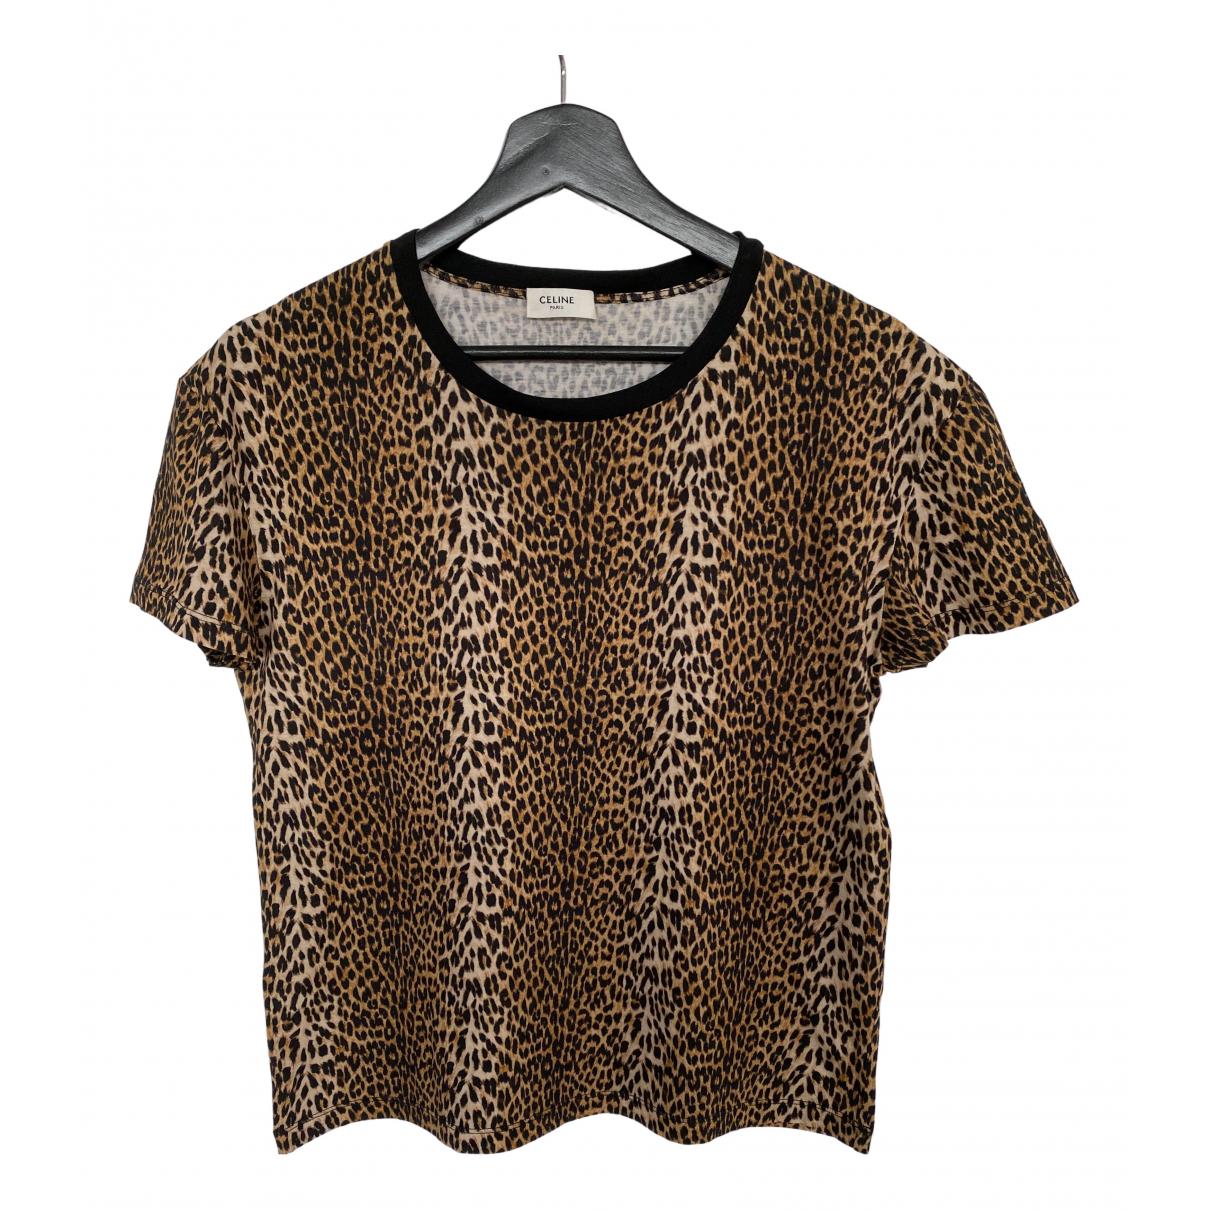 Celine - Tee shirts   pour homme en coton - beige